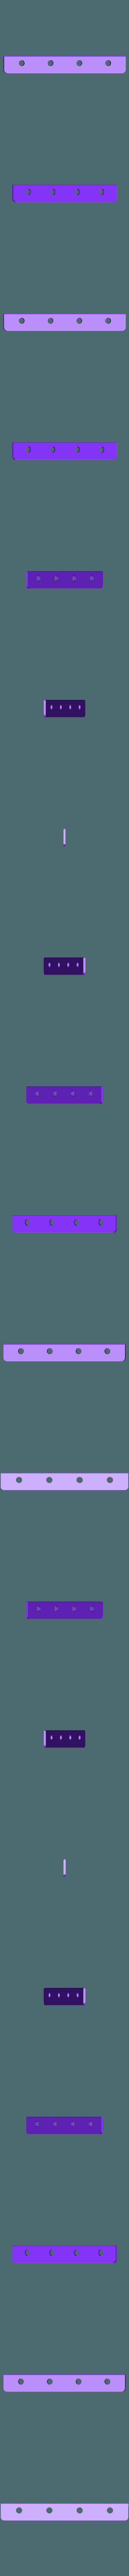 Plaque Or.stl Télécharger fichier STL gratuit Marshall Amplifier Style Keychain Holder • Plan pour impression 3D, DaGoN